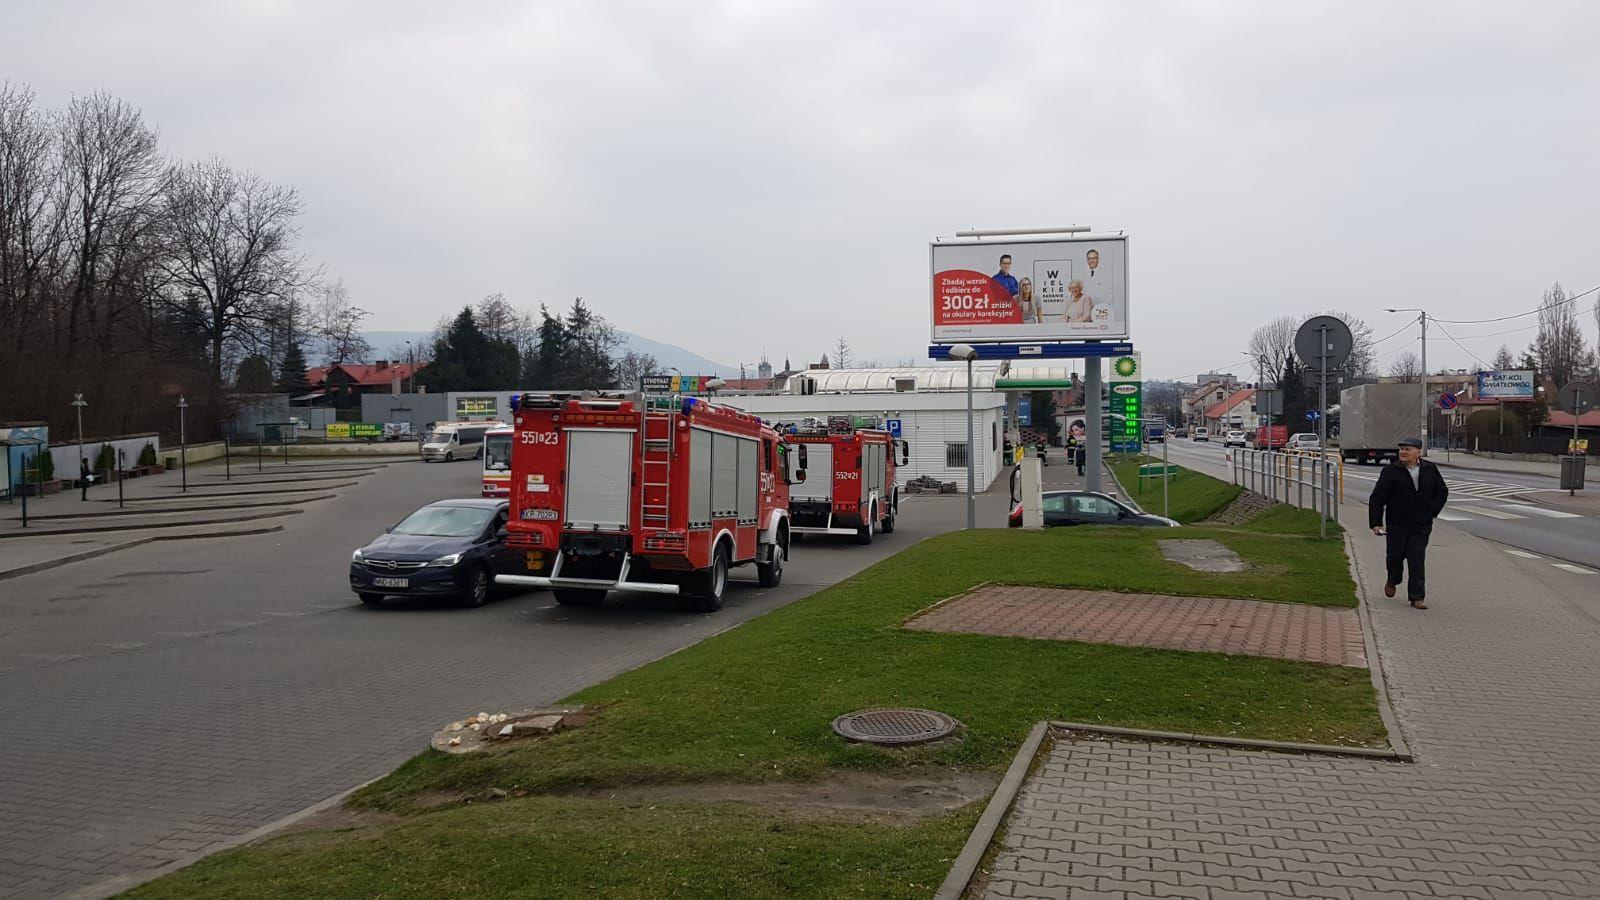 Wyciek gazu z samochodu na stacji [AKTUALIZACJA]